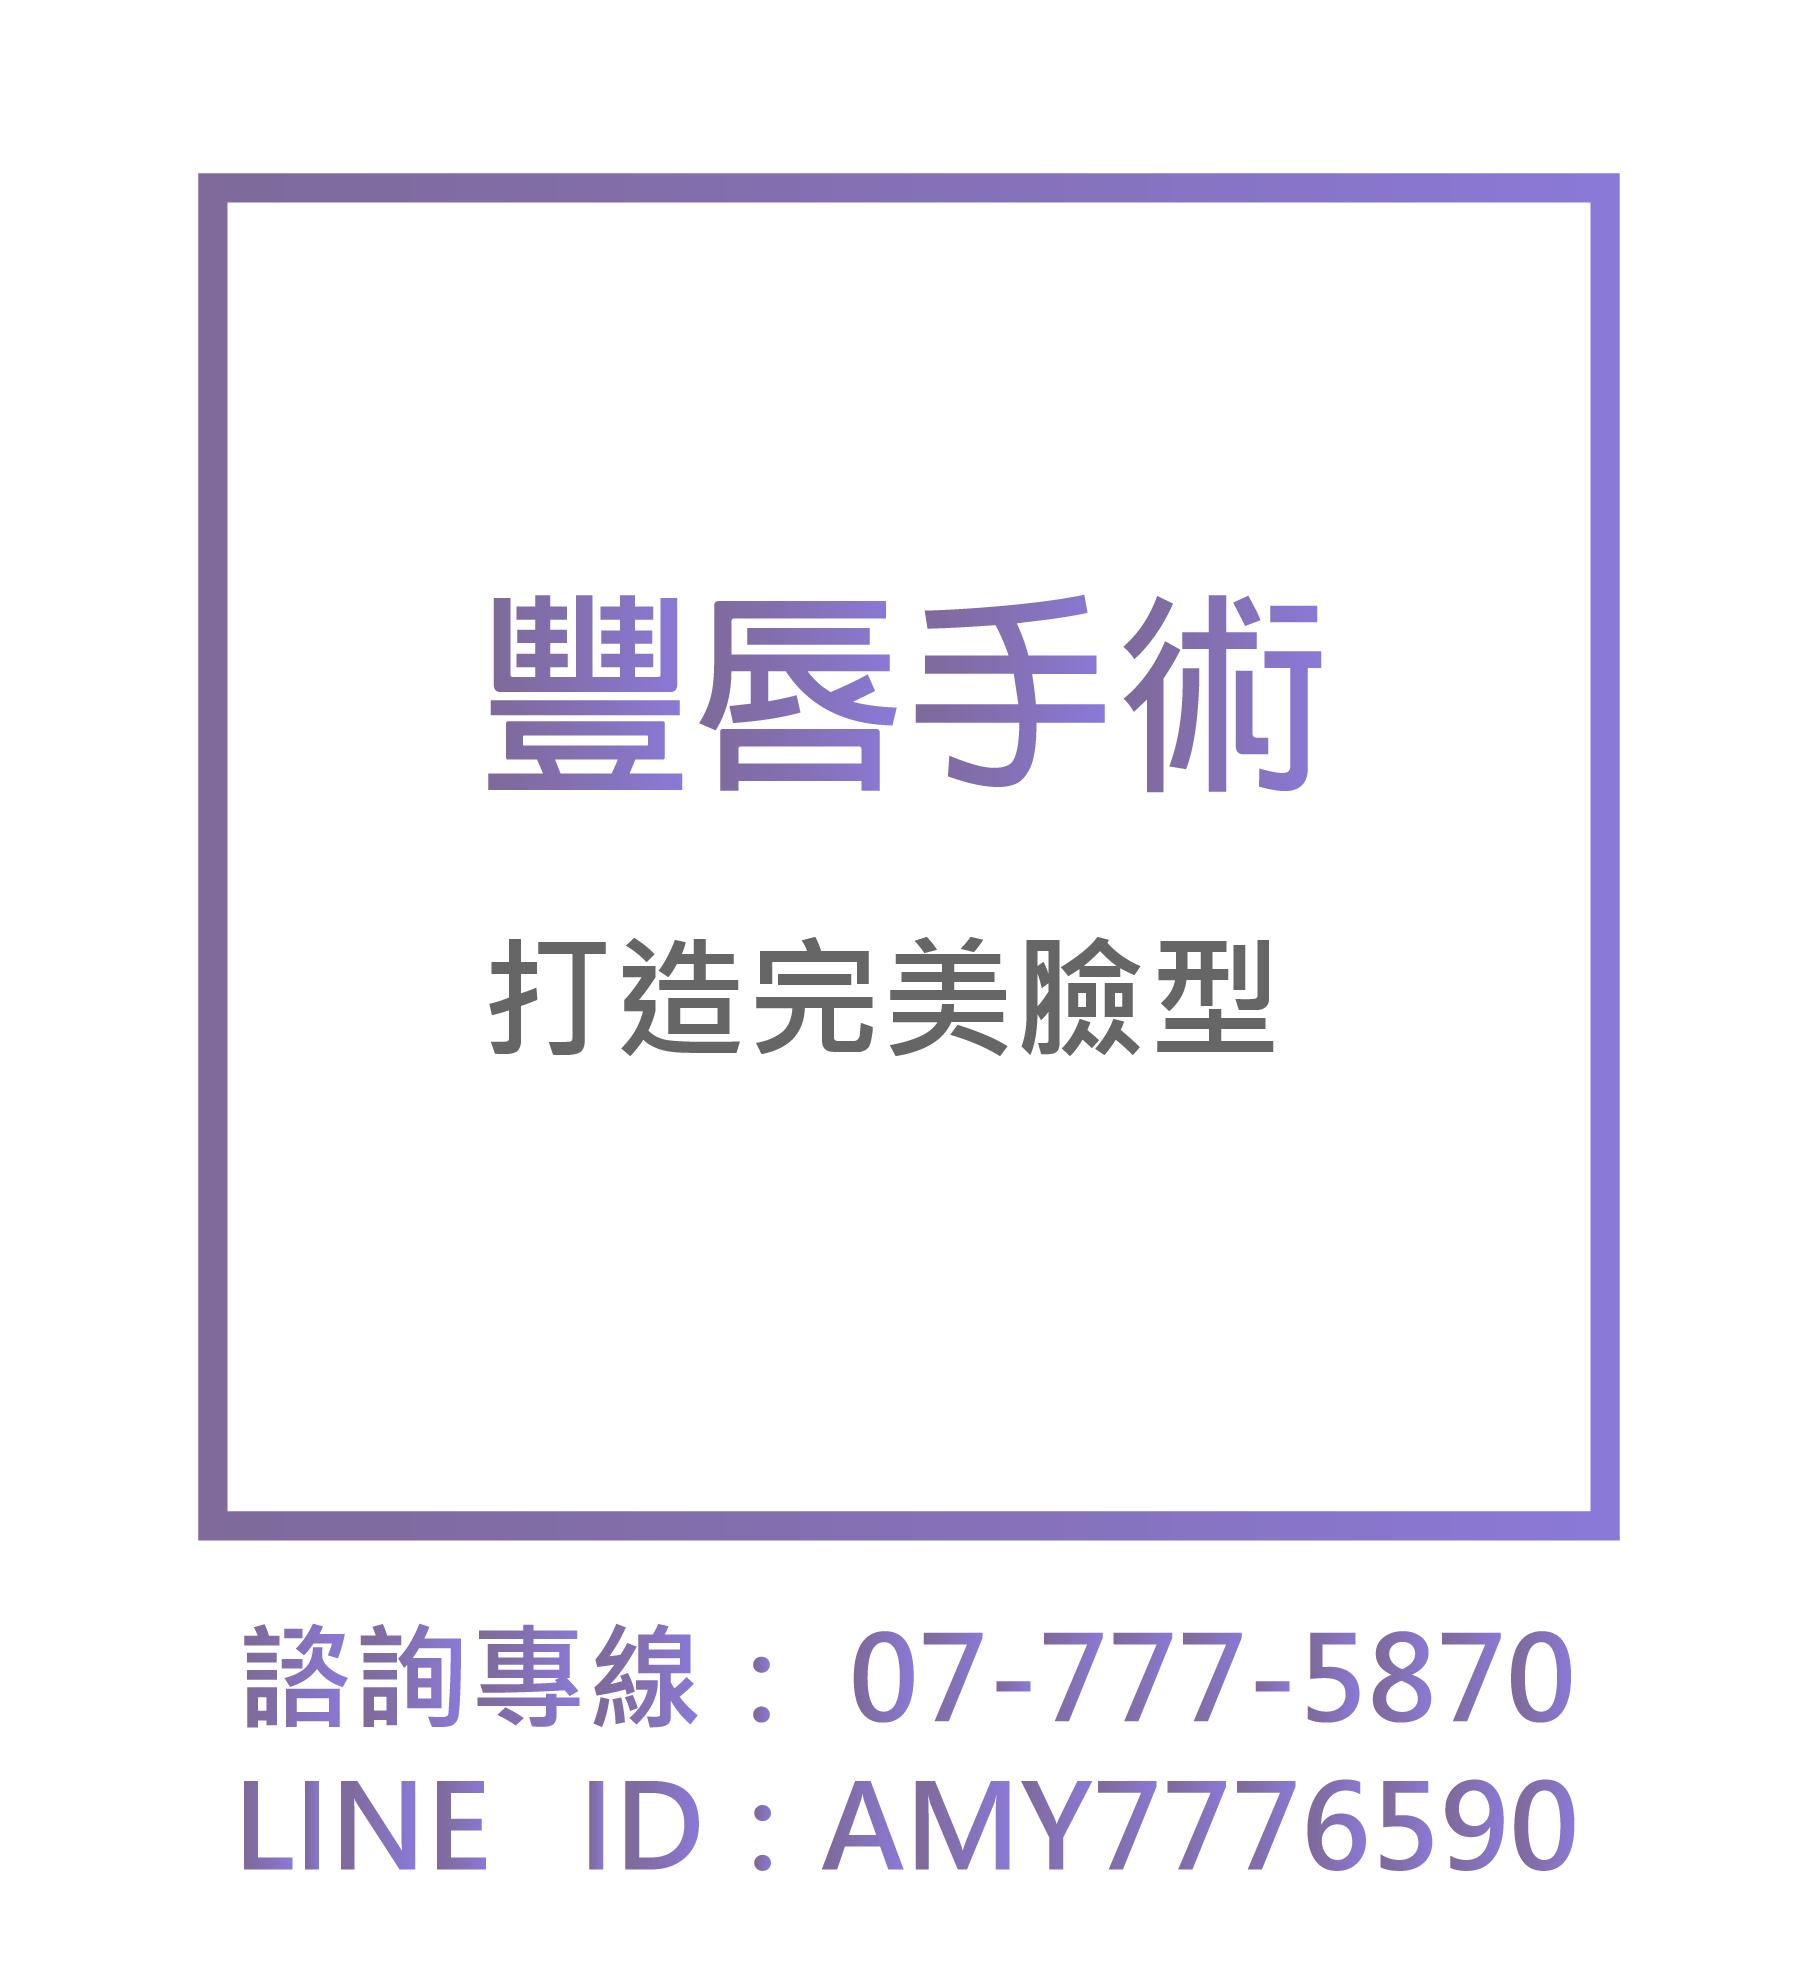 臉部手術_2-89.png